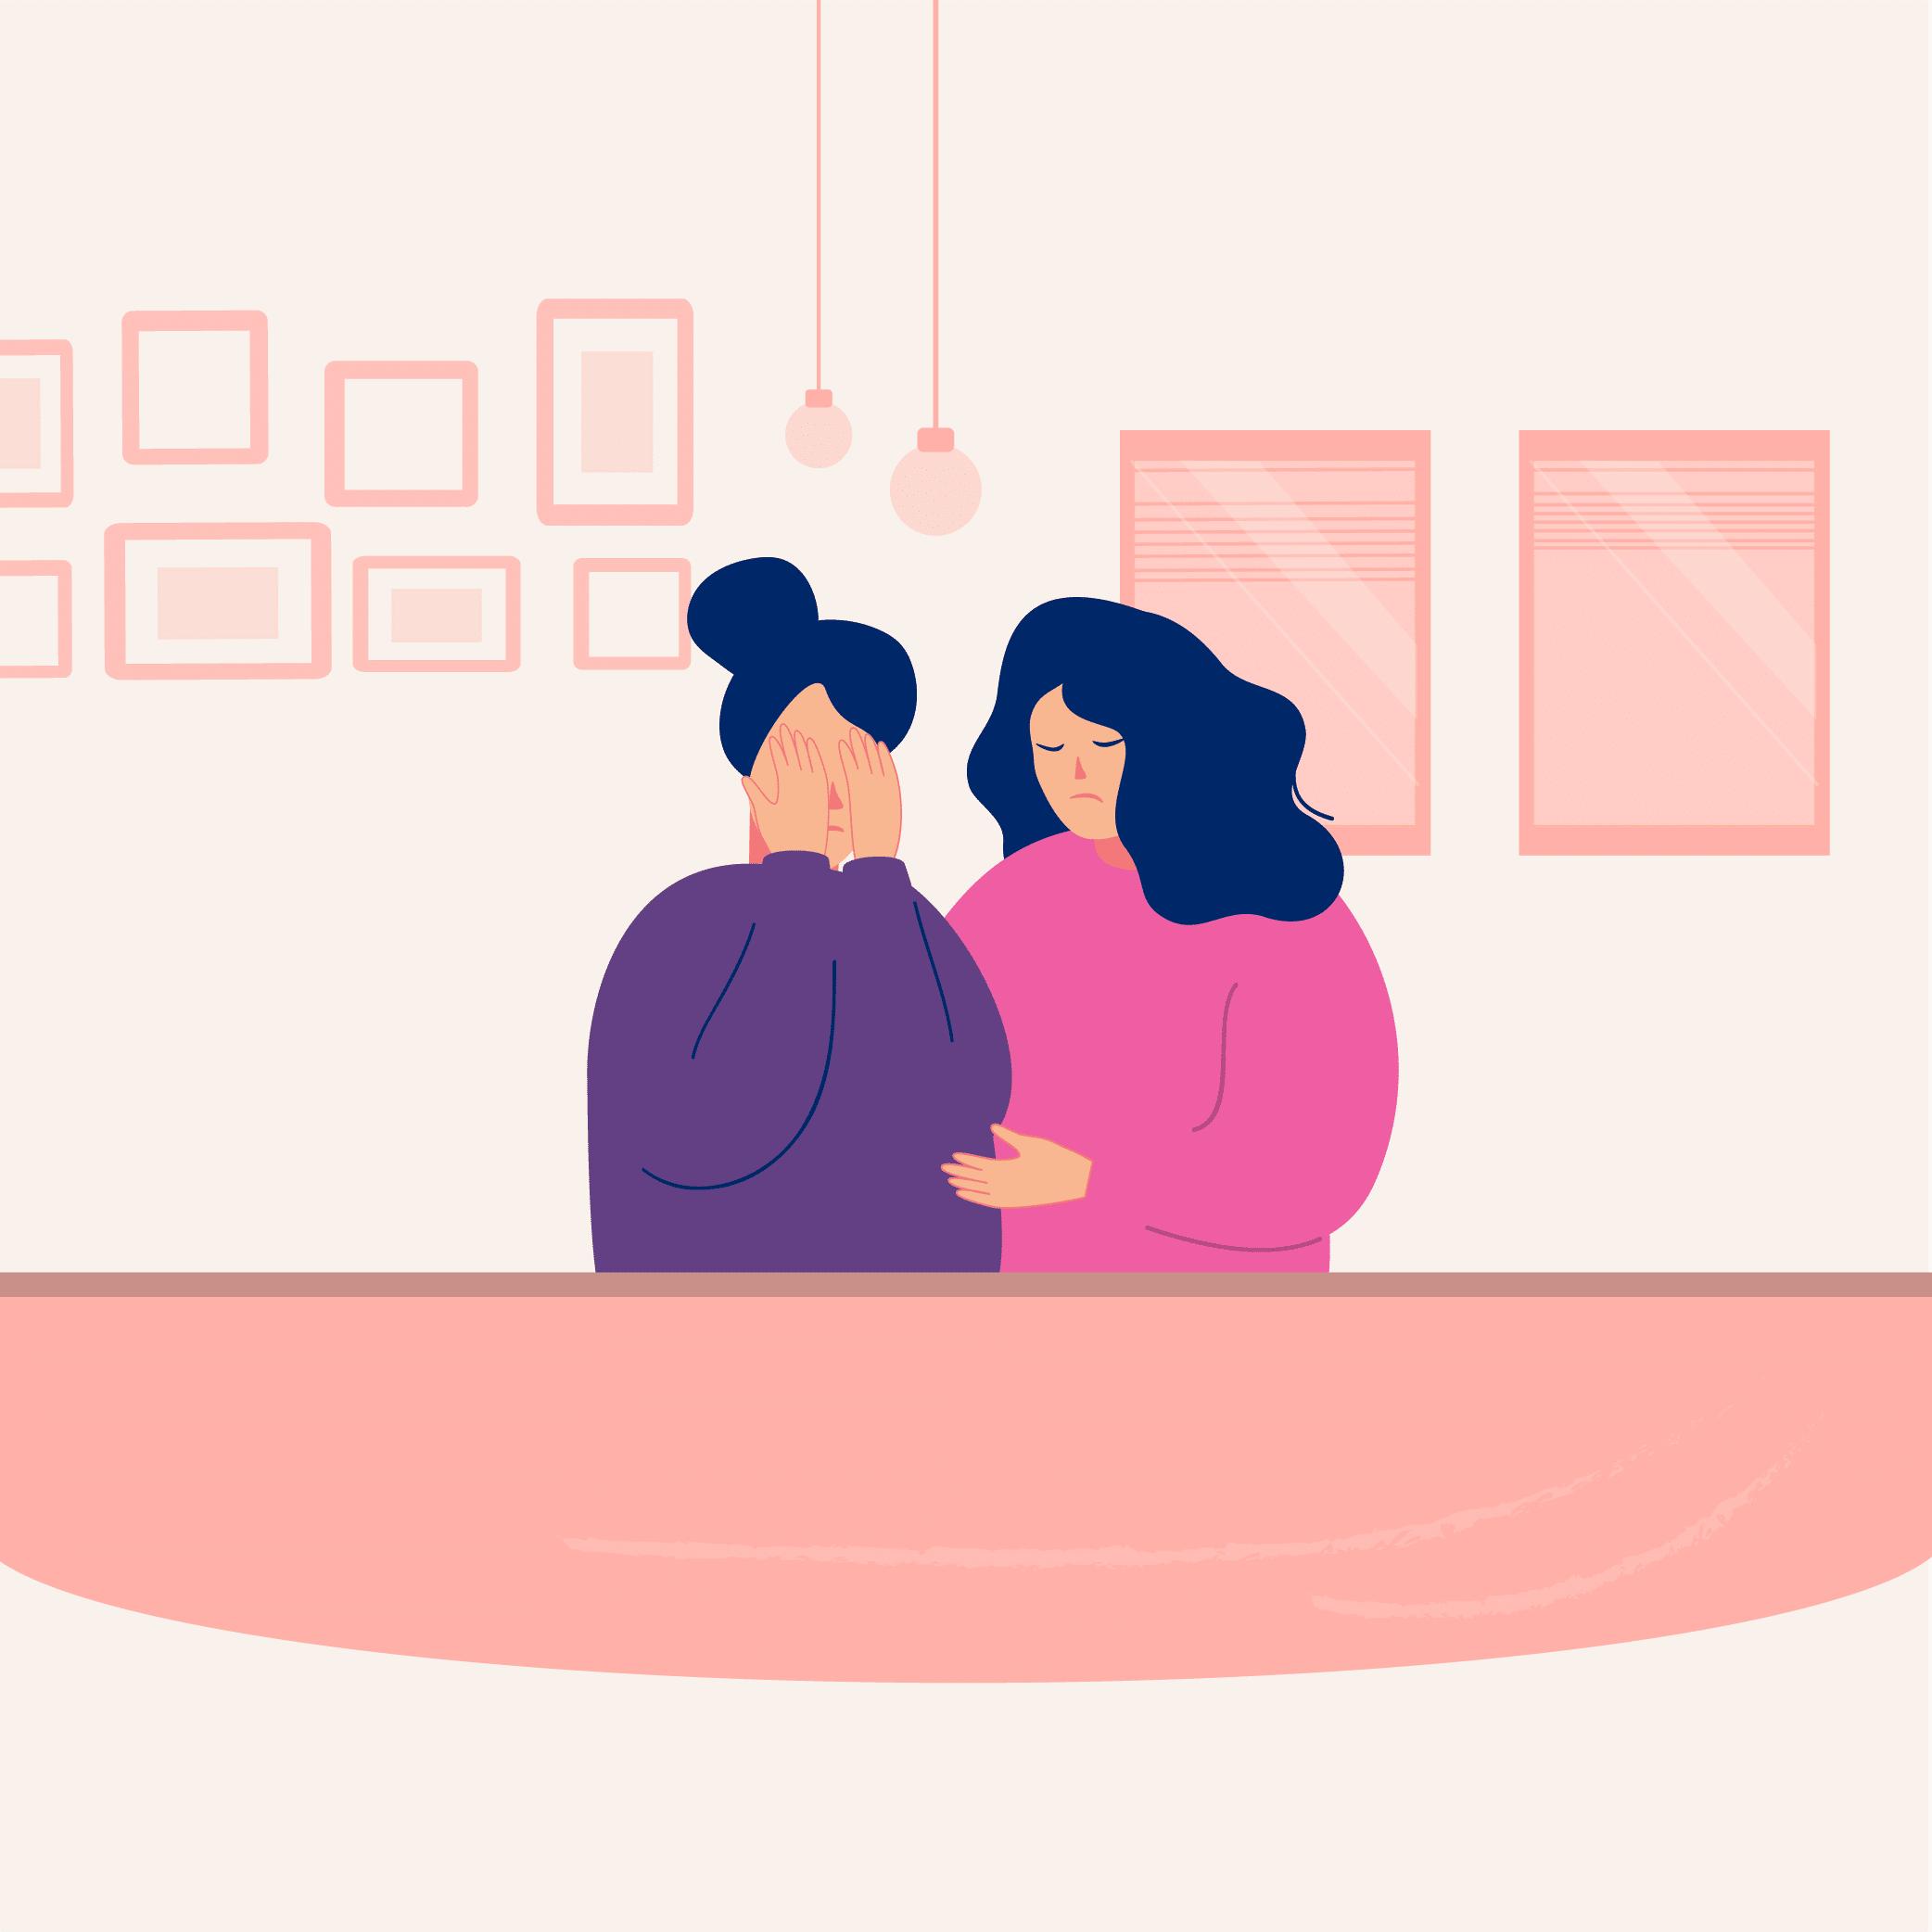 Dos mujeres, una se tapa la cara y la otra la abraza